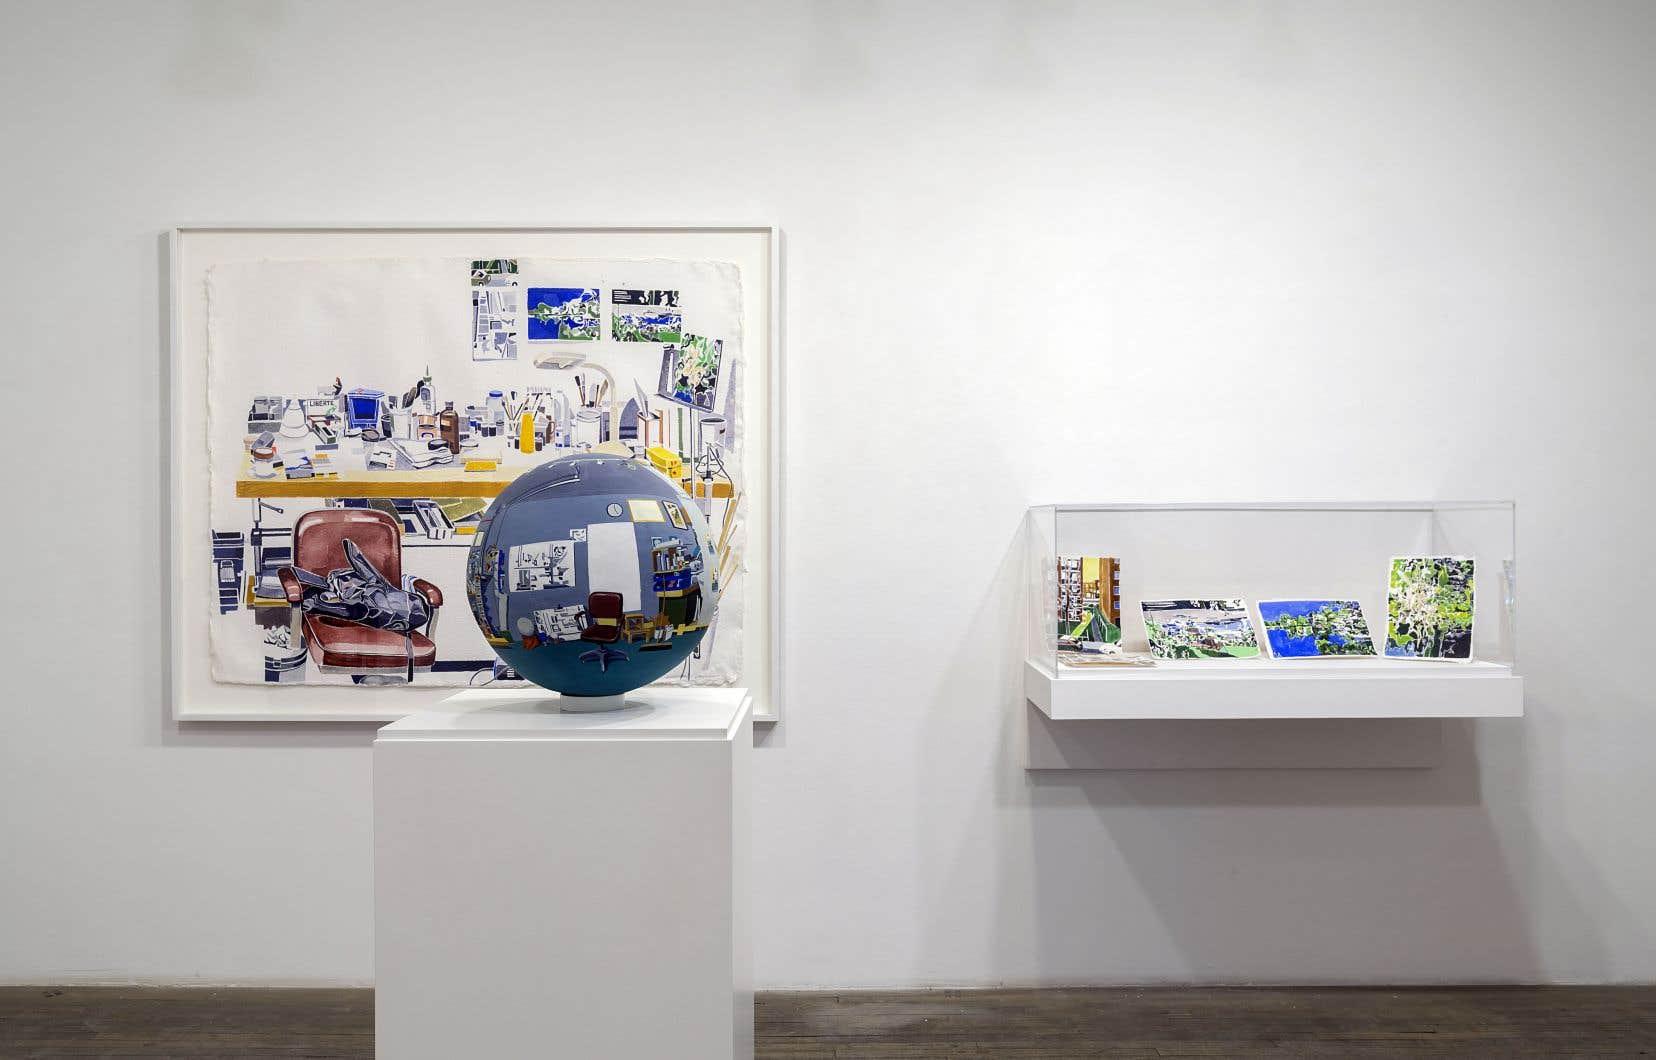 Vue de l'installation «Studio» dans l'exposition de Michael Merrill